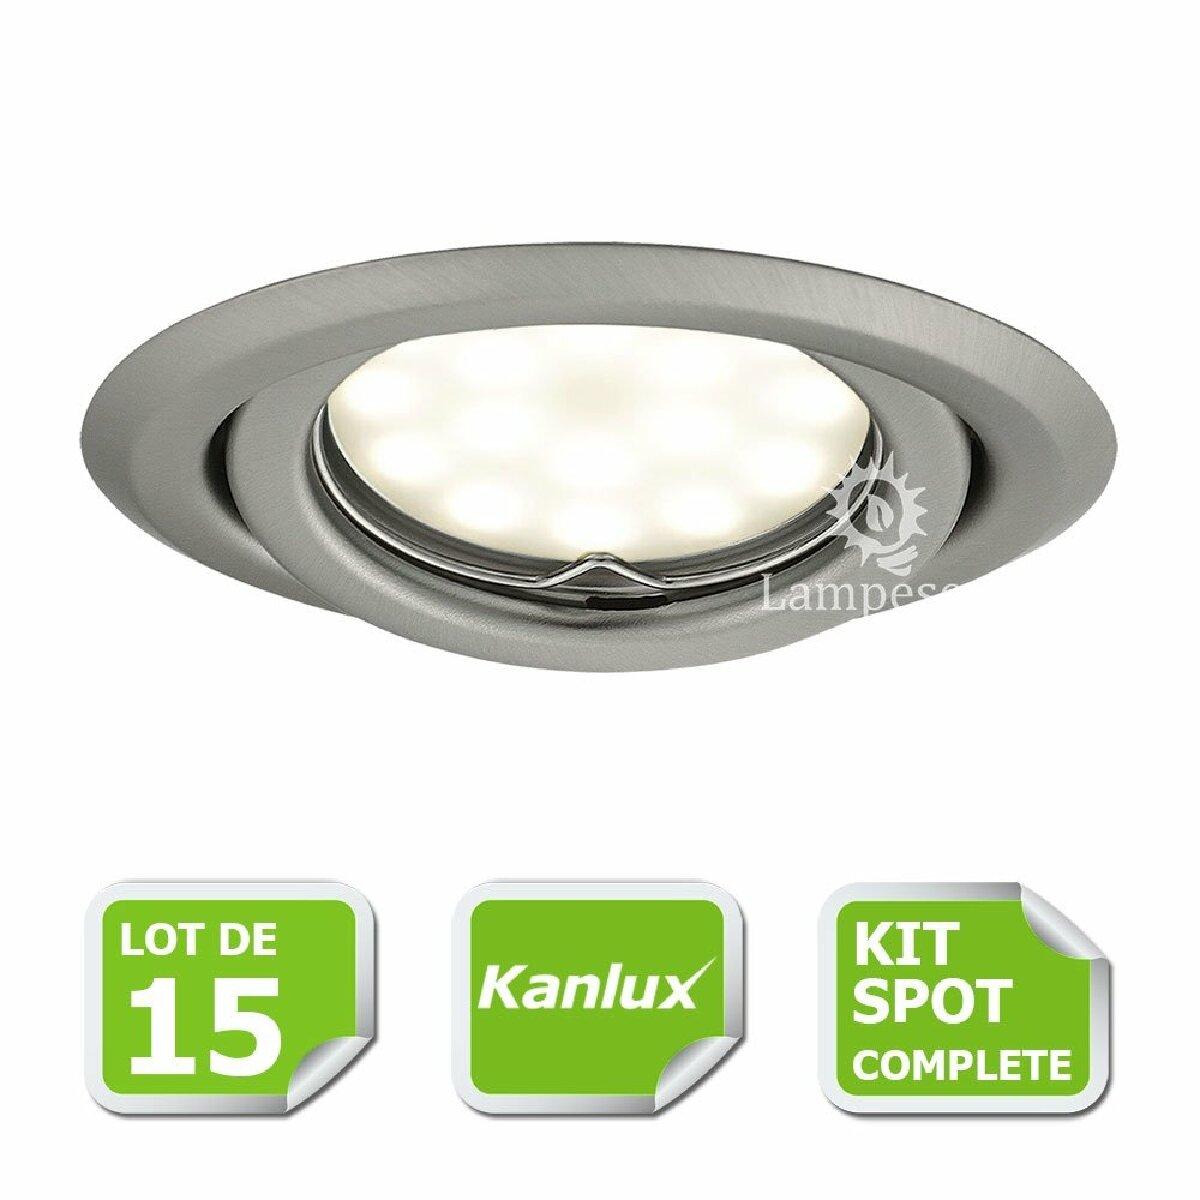 Kanlux Kit complete de 15 Spots encastrable chrome mat orientable marque Kanlux avec GU10 LED 5W 3000K blanc chaud